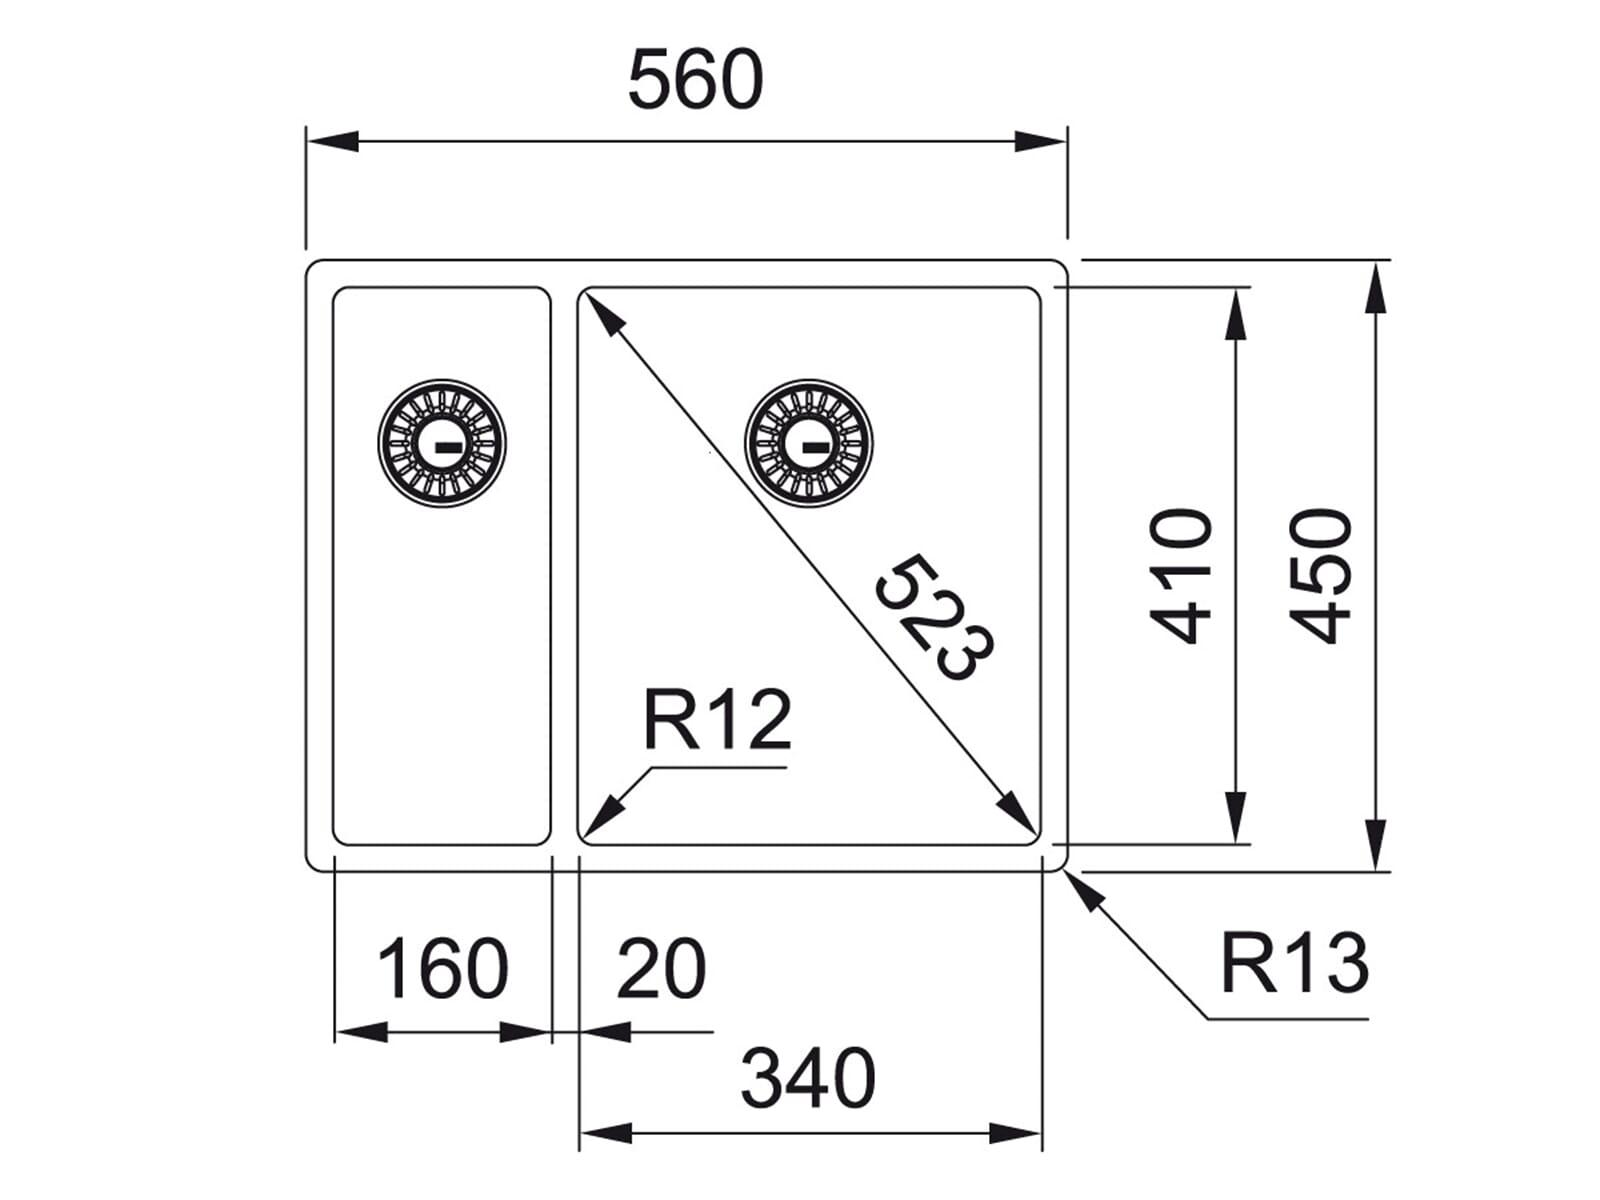 Franke Box BXX 260/160-34-16 Edelstahlspüle glatt - 127.0361.231 Auflage/ Flächenbündig/ Unterbau